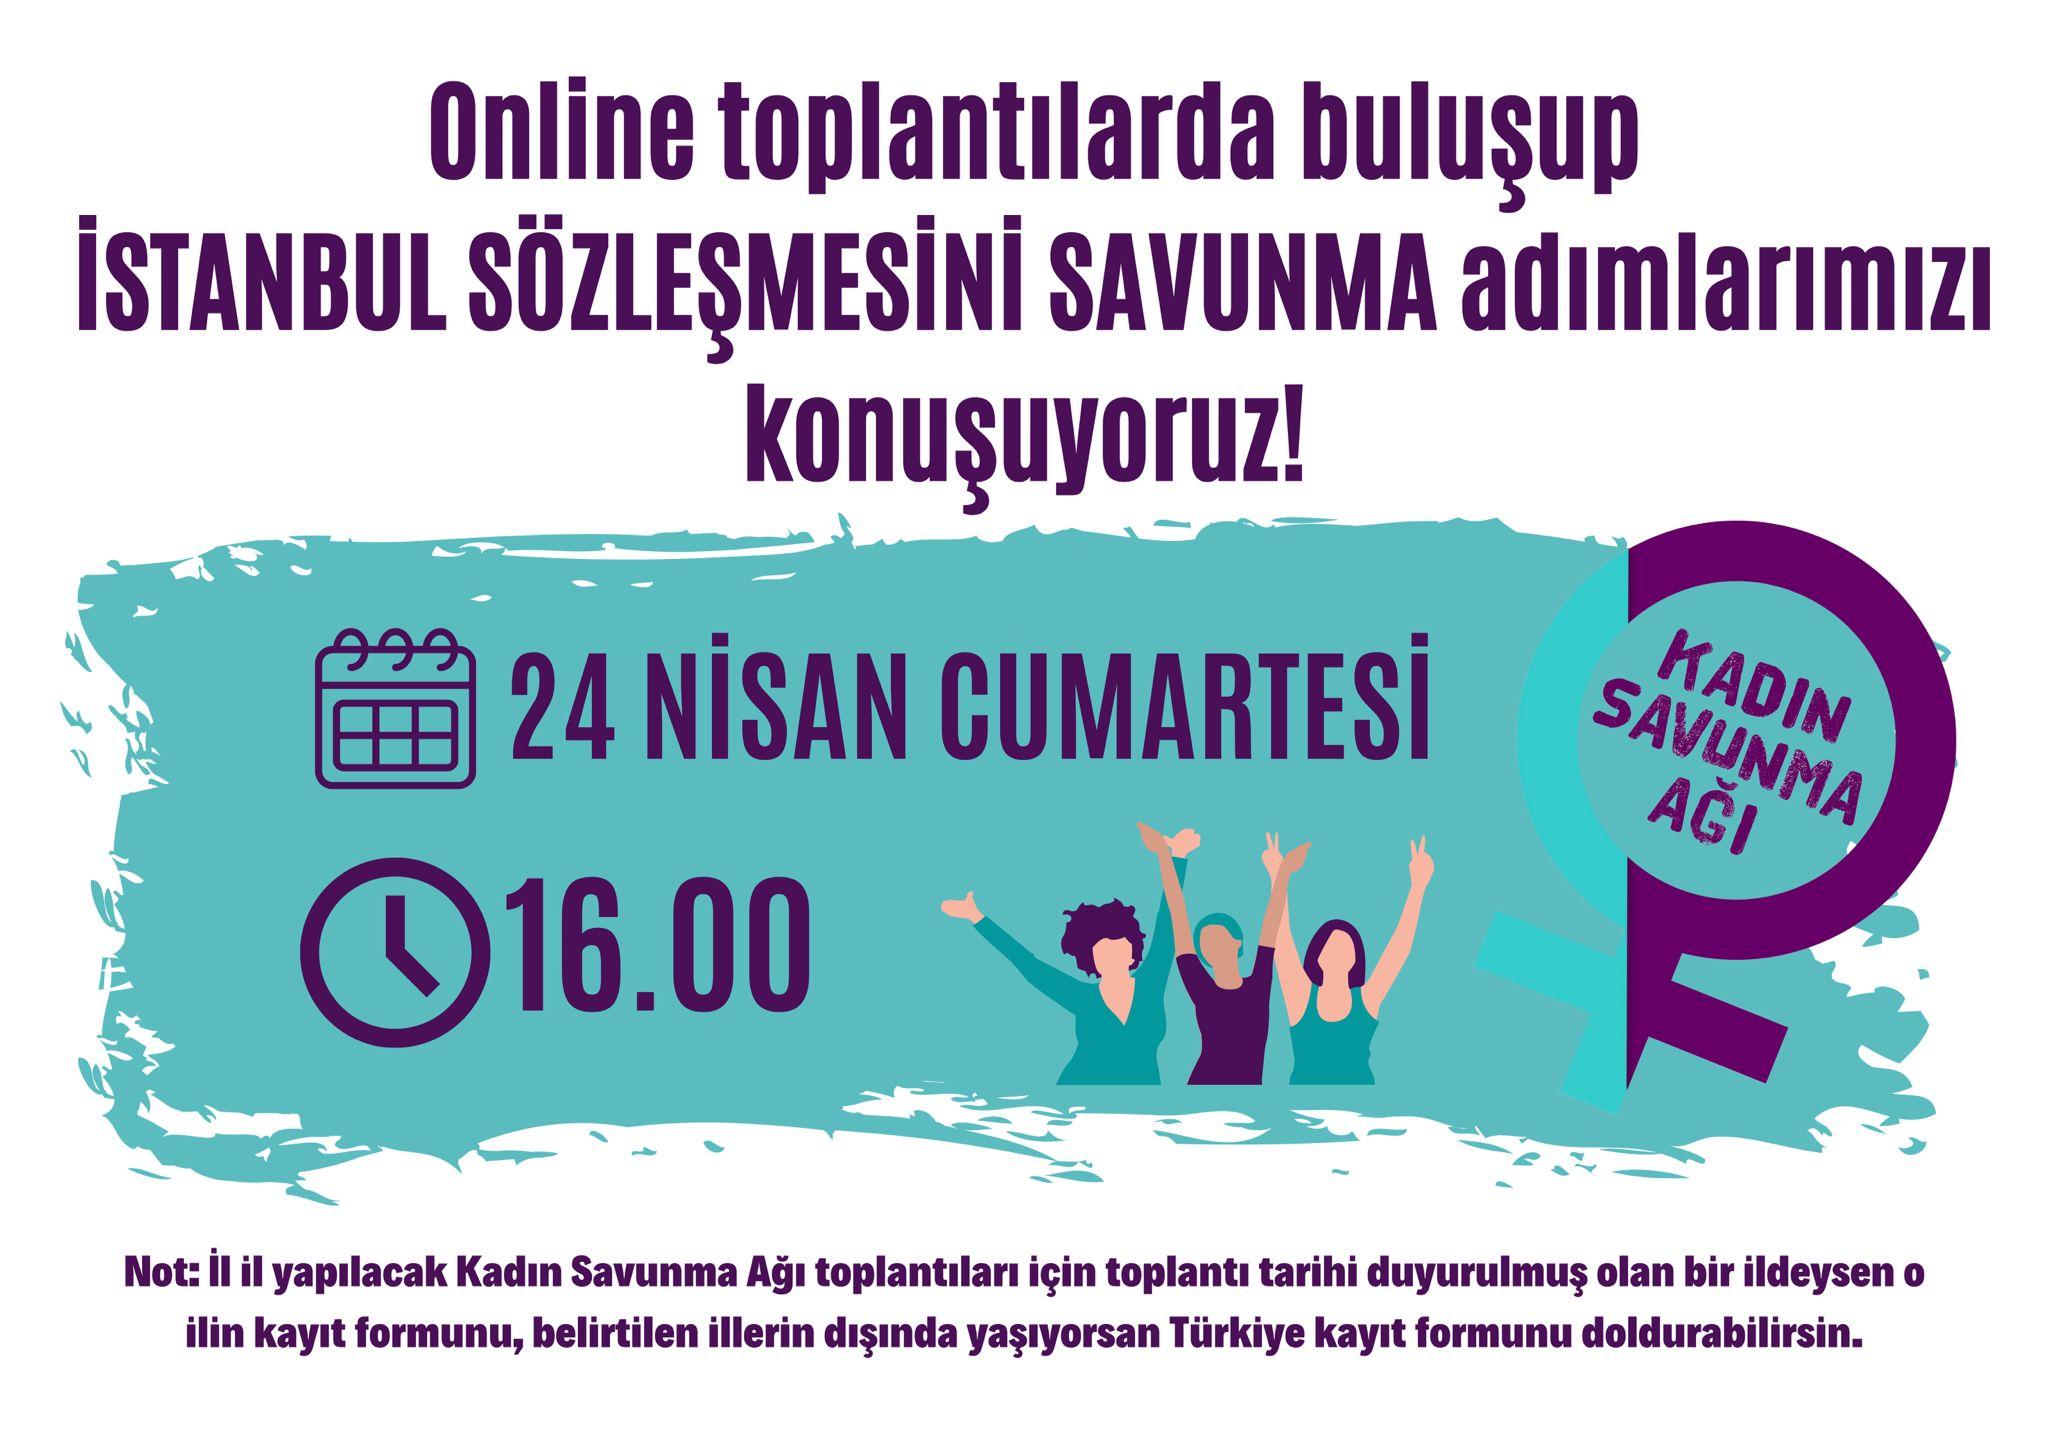 İstanbul Sözleşmesi'ni savunmak için buluşuyor, neler yapacağımızı birlikte konuşuyoruz